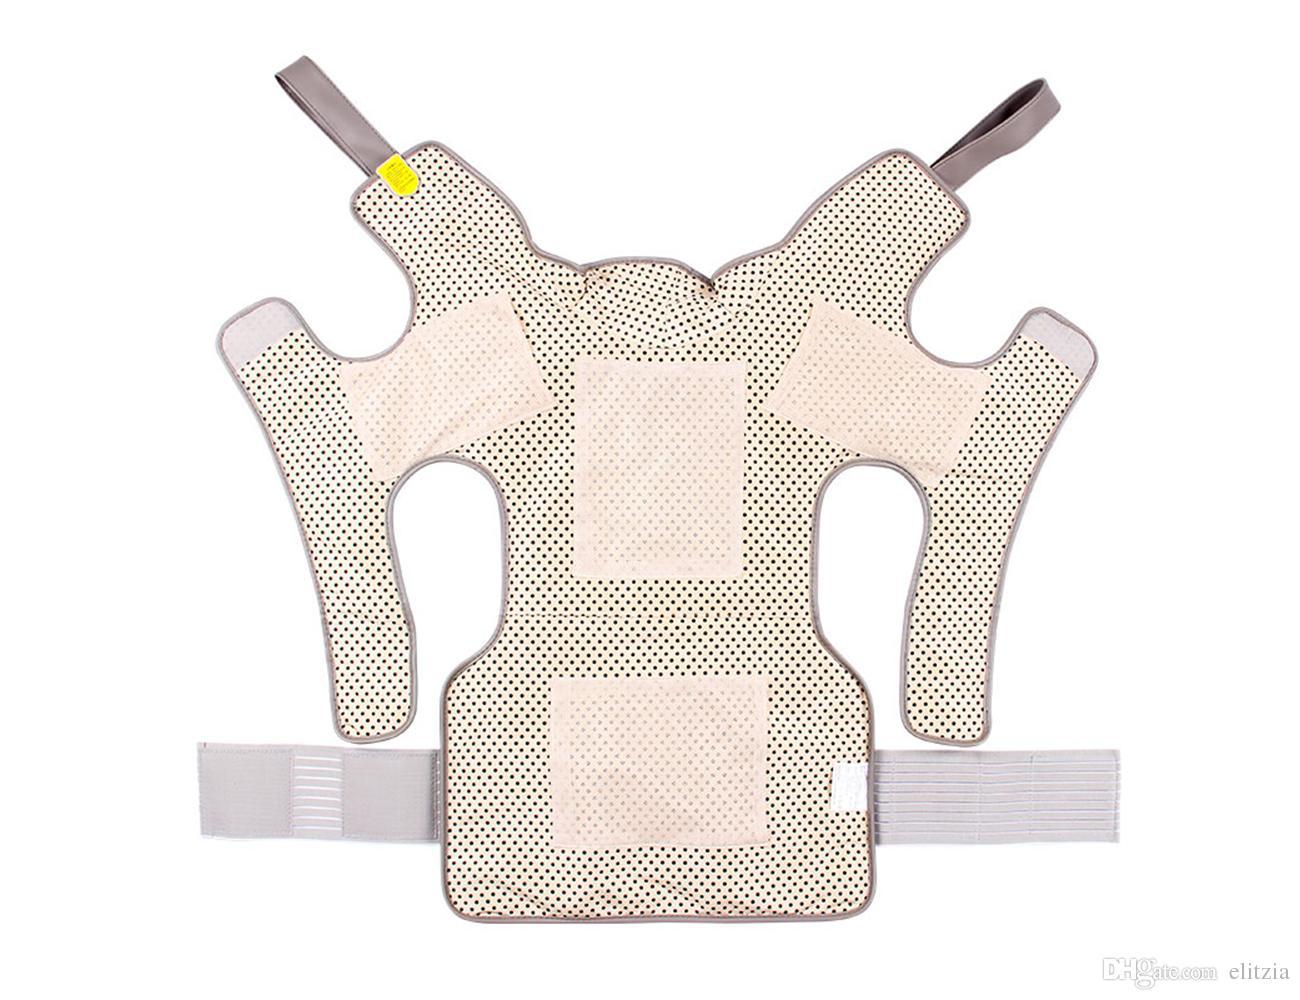 Salud Vibrador Vibrador Ethye102 Cuidado Multifuncional y calefacción Massager Hombro Elitzia Cuidado Massager infrarrojo FRFHJ